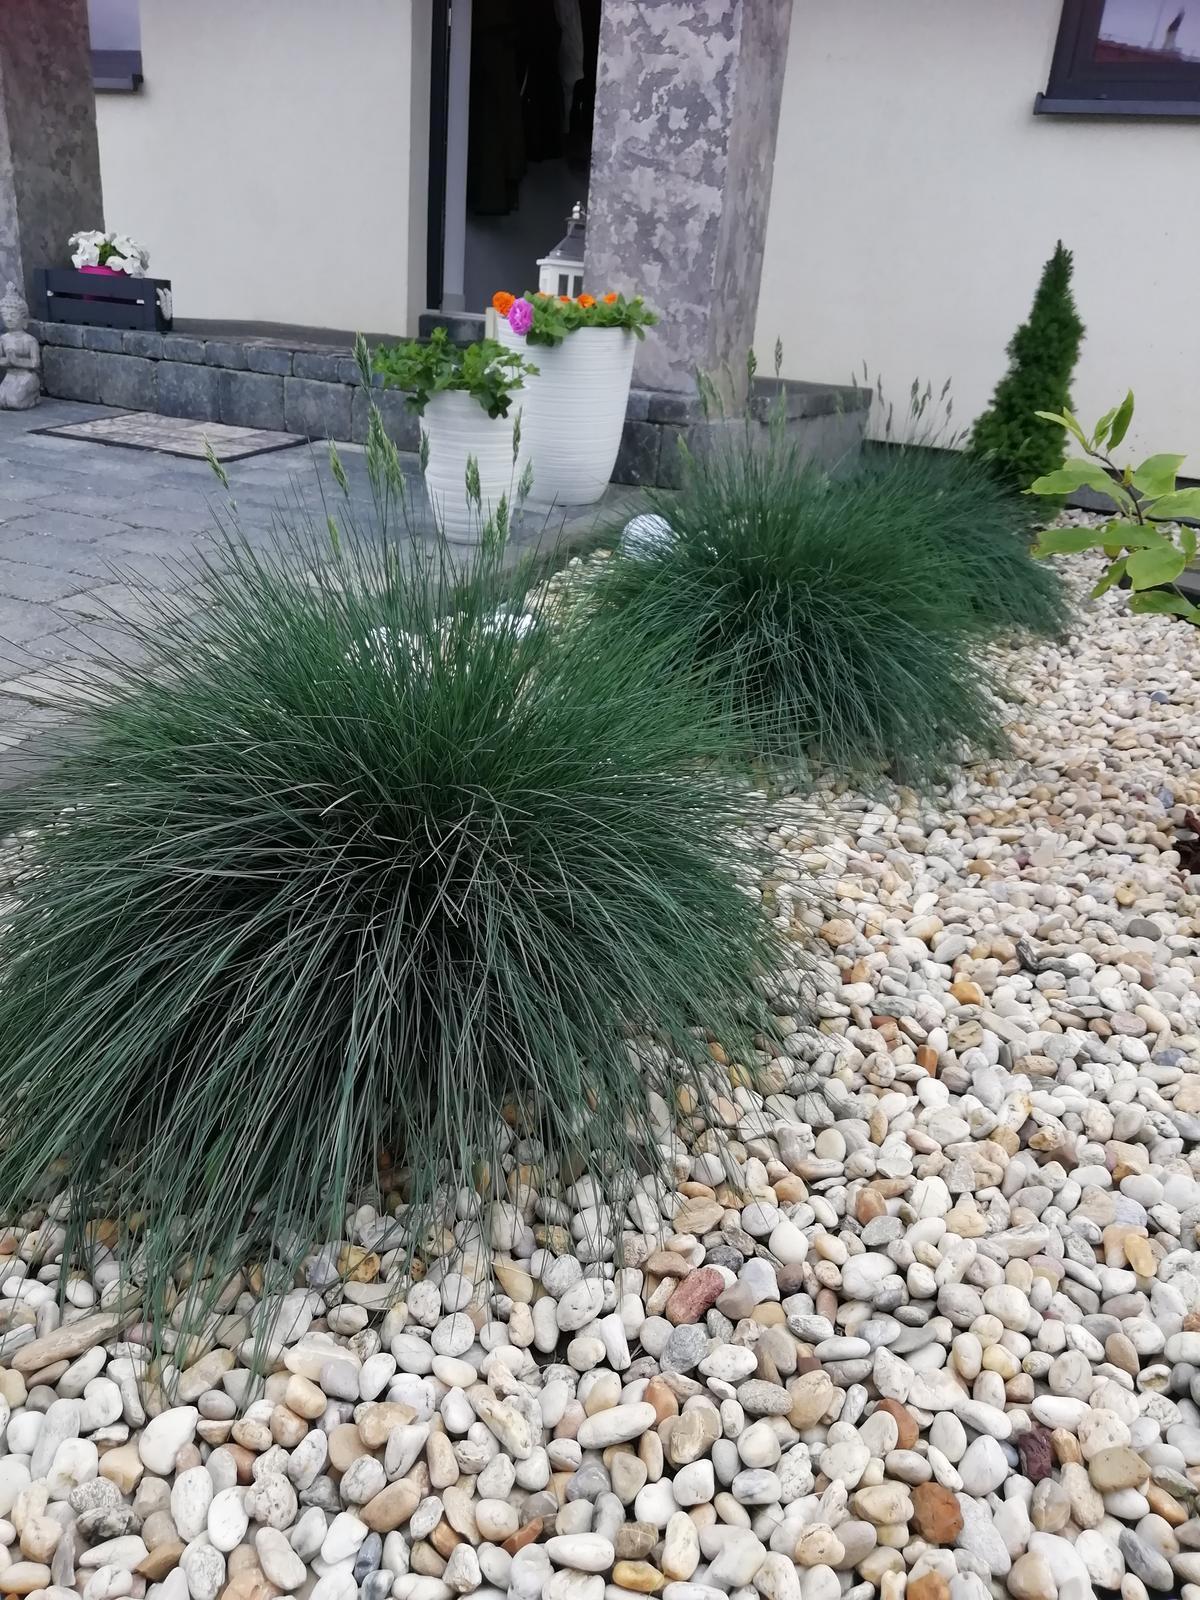 Záhradka 2019/20 bývame 4 a 5 rok :-) - Moje obľúbené kostravy